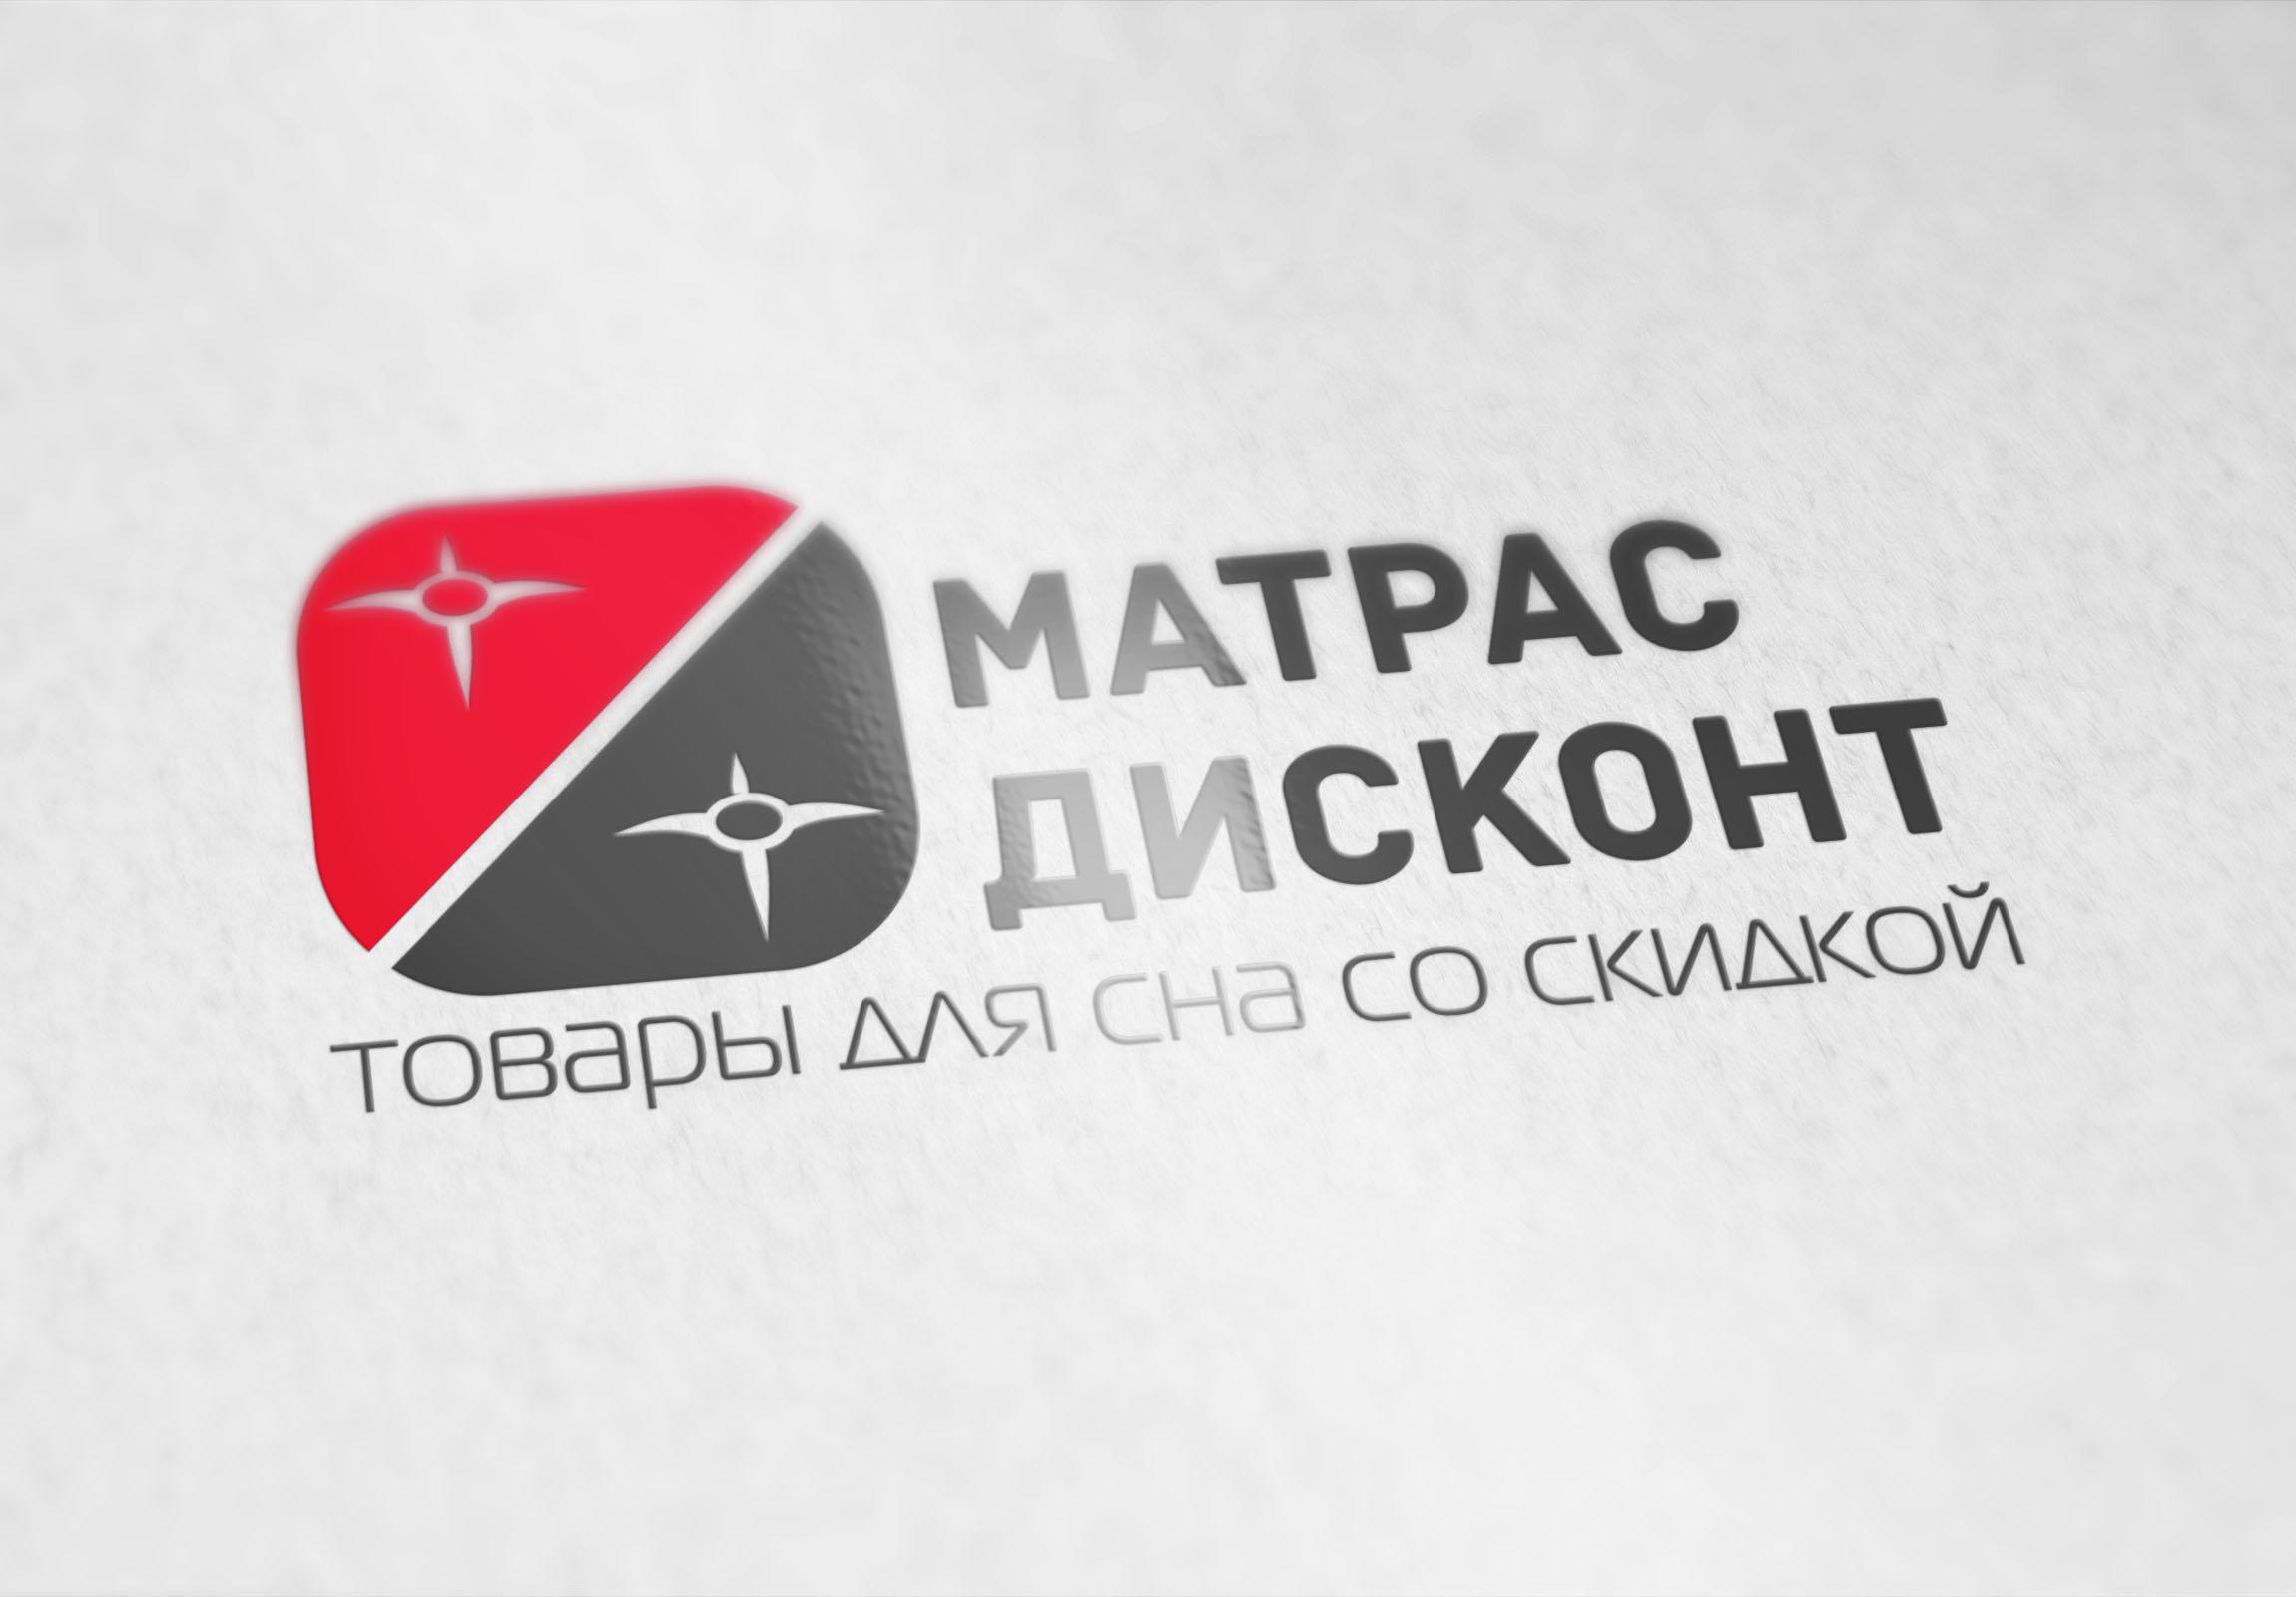 Логотип для ИМ матрасов фото f_3585c97675c8ed12.jpg